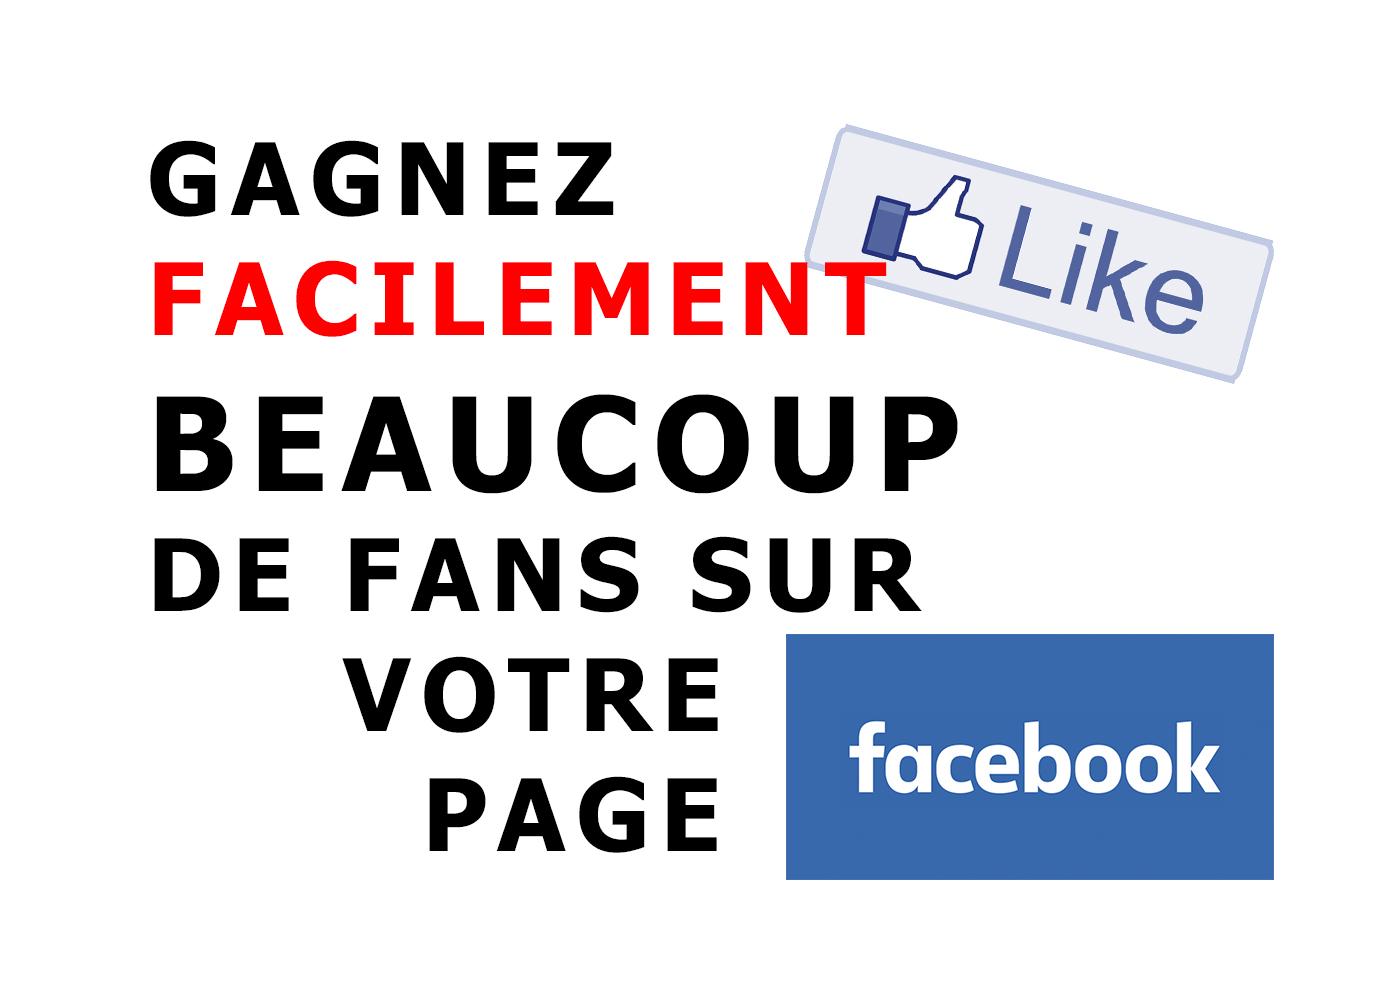 Gagnez facilement beaucoup de fans sur votre page Facebook